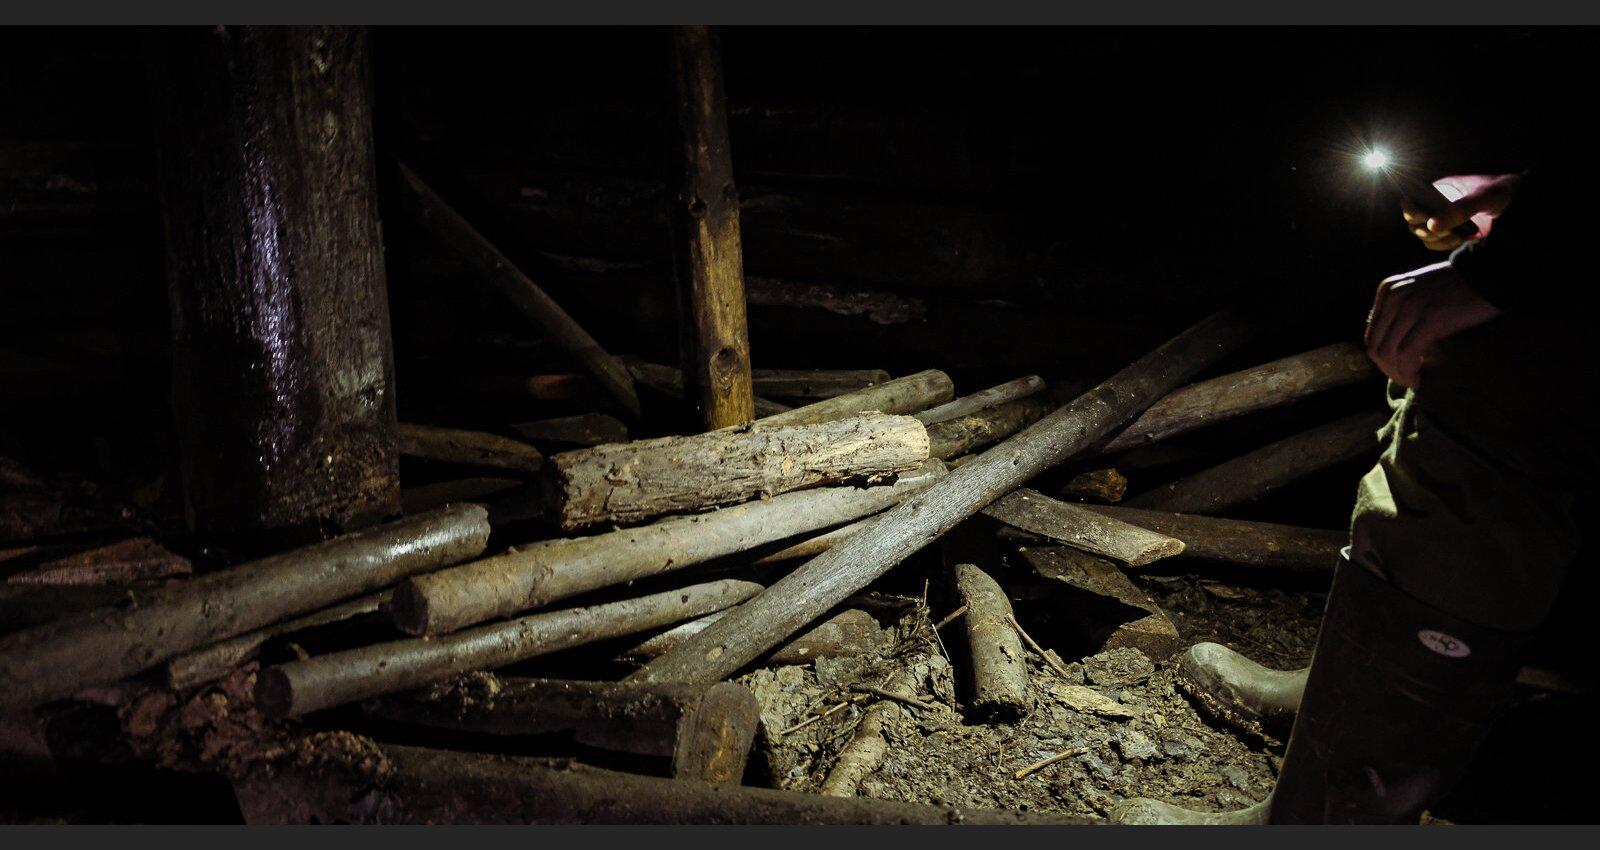 Foto: Kā izskatās vācu armijas bunkurs, kas Kurzemē neskarts saglabājies 76 gadus